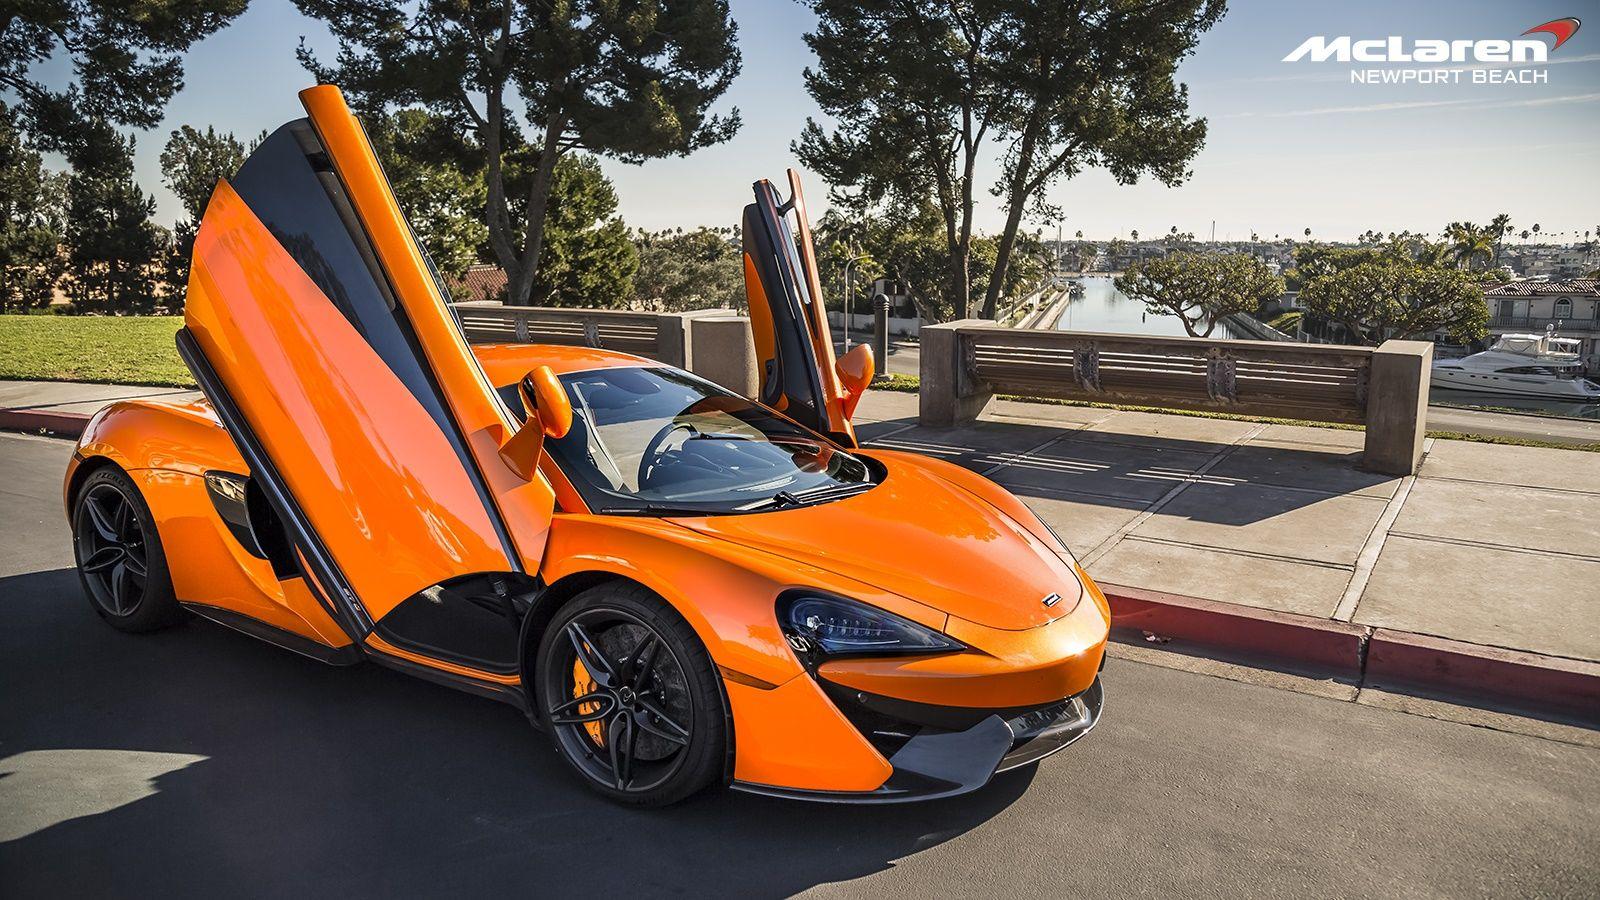 Orange Mclaren 570s In Newport Beach Front Side Angle Image Gallery Mclaren 570s Mclaren High End Cars